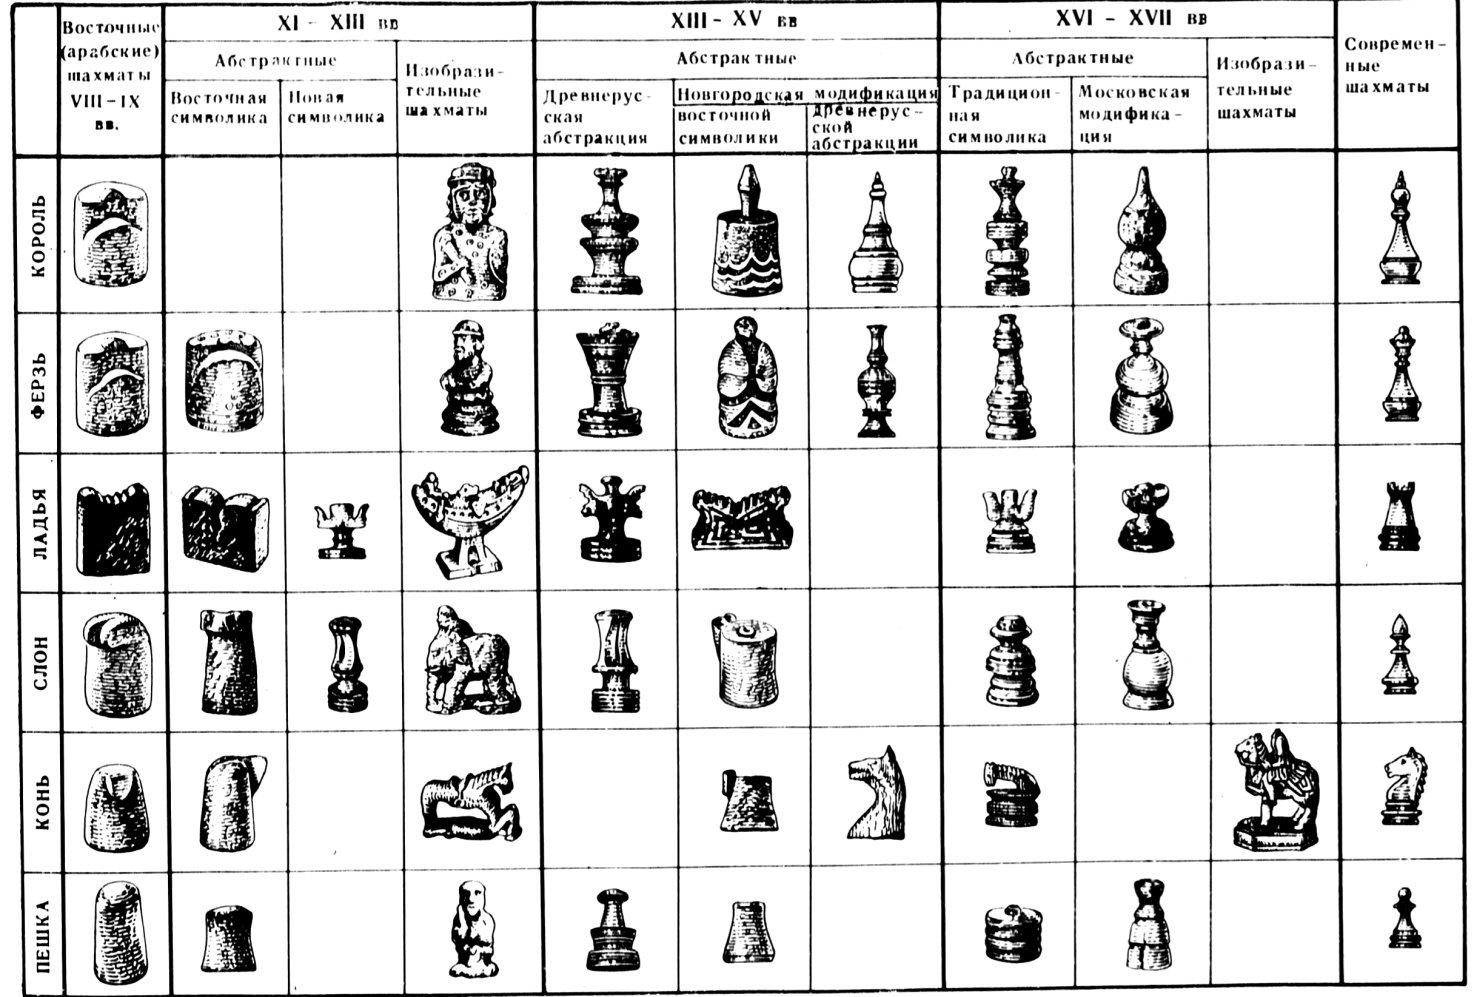 правильное название шахматных фигур с картинками как многие